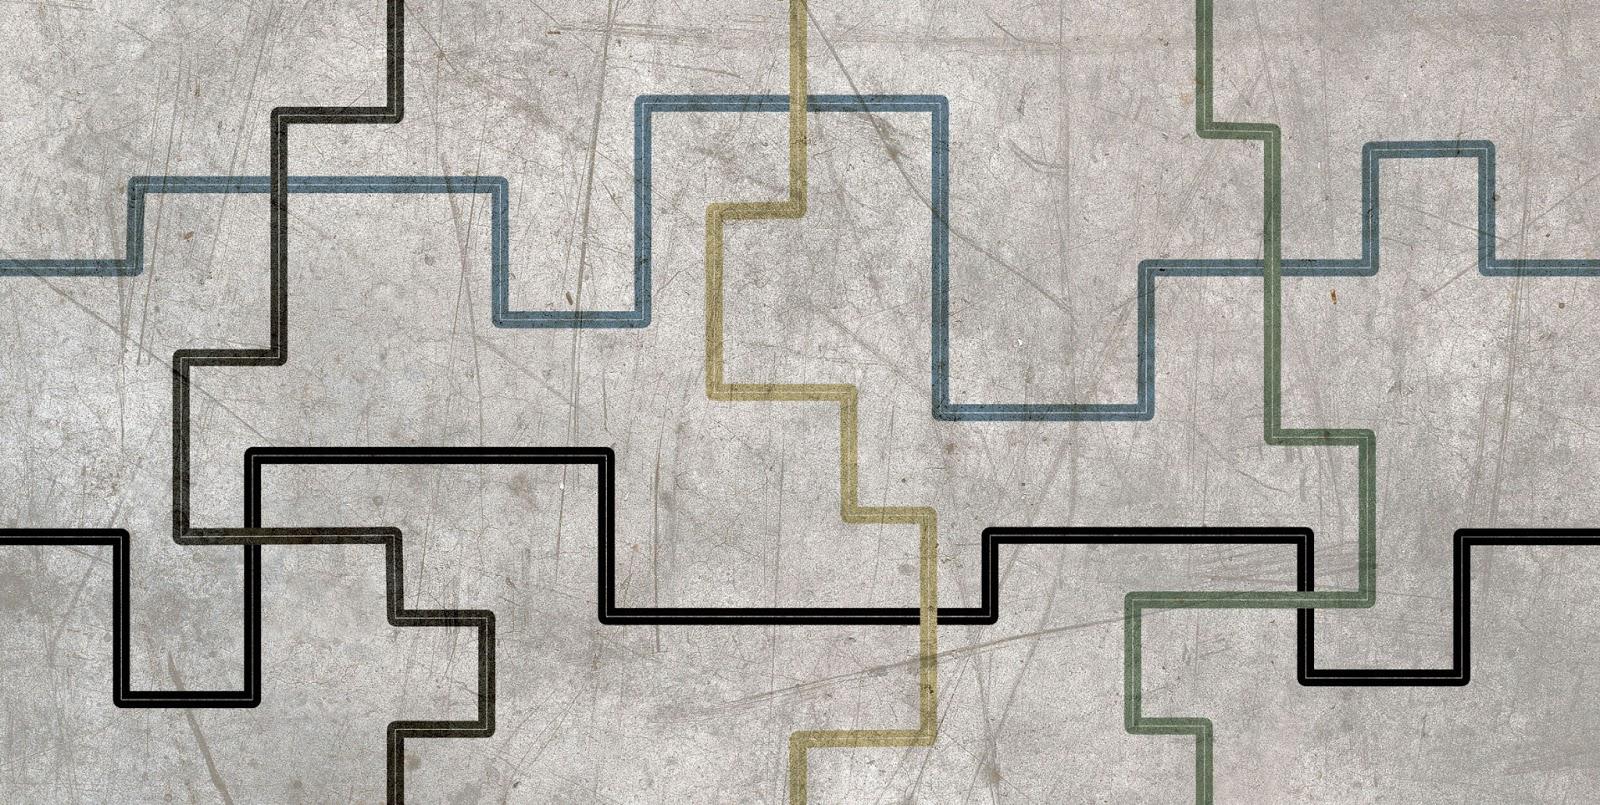 Sketchup Texture Update News Texture Graffiti Tiles Urban